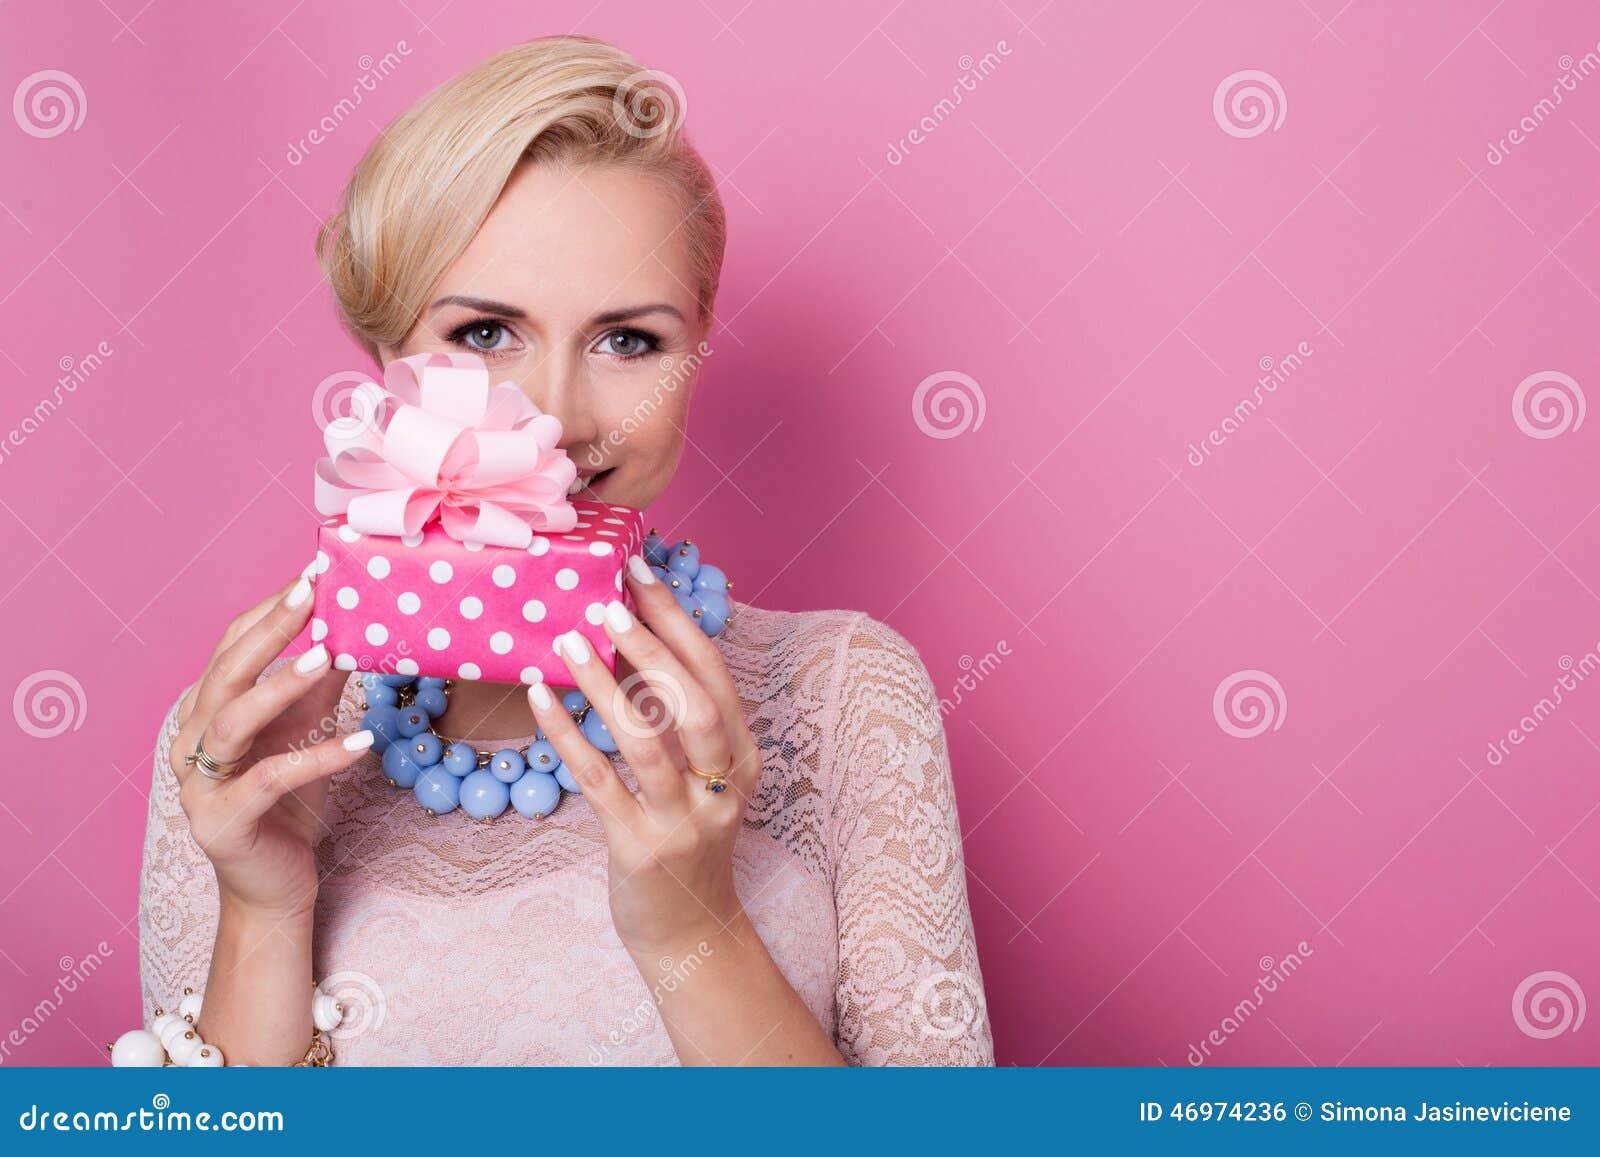 Alles Gute zum Geburtstag Süße Blondine, die kleine Geschenkbox mit Band halten Weiche Farben